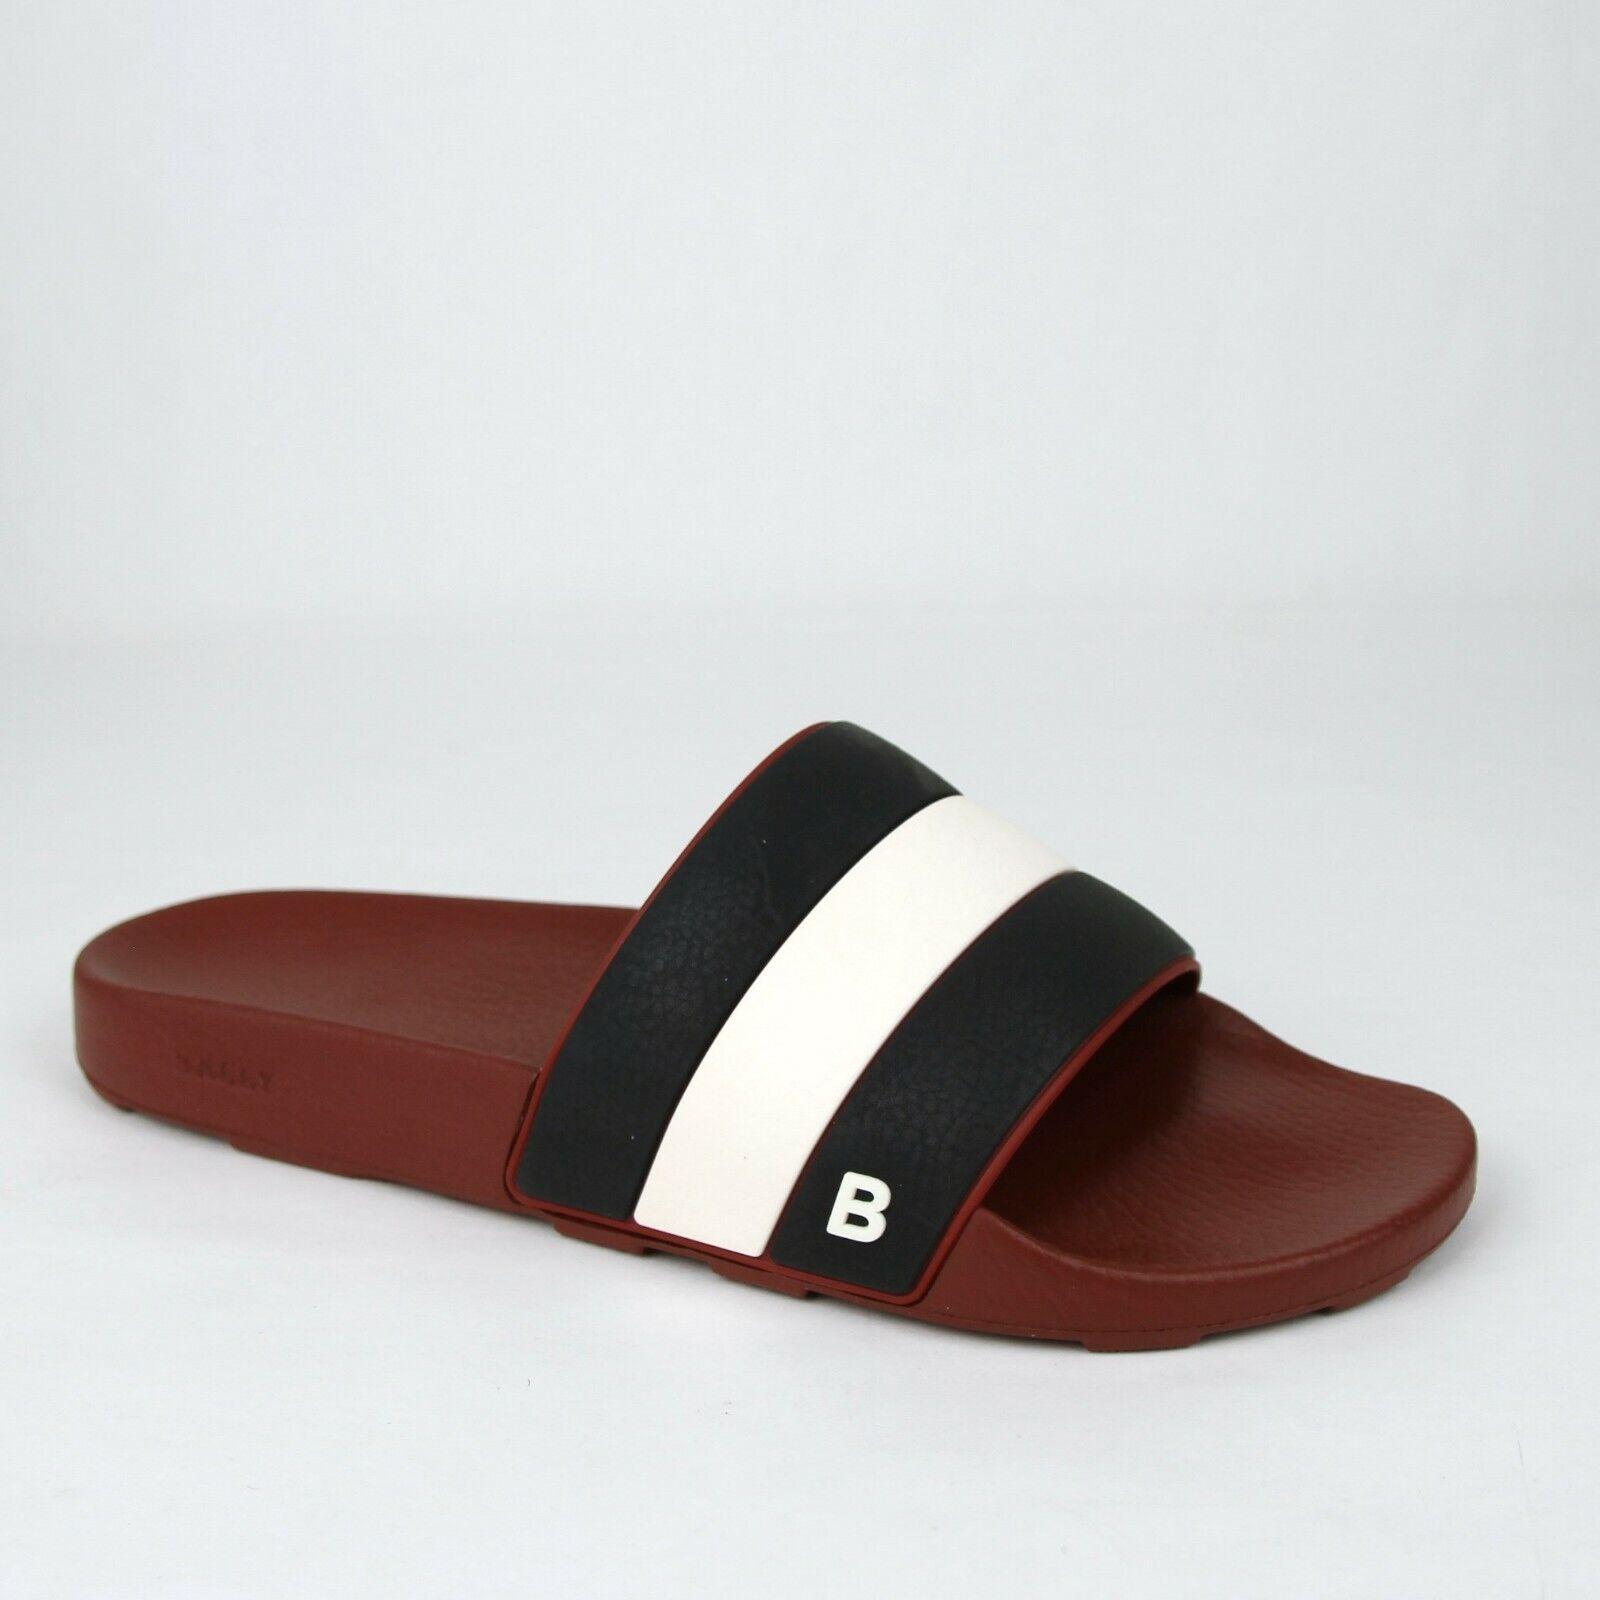 Nuevo Bally Para hombre Zapatillas De Goma Negro Rojo Oscuro con el logotipo 9D sleter - 07